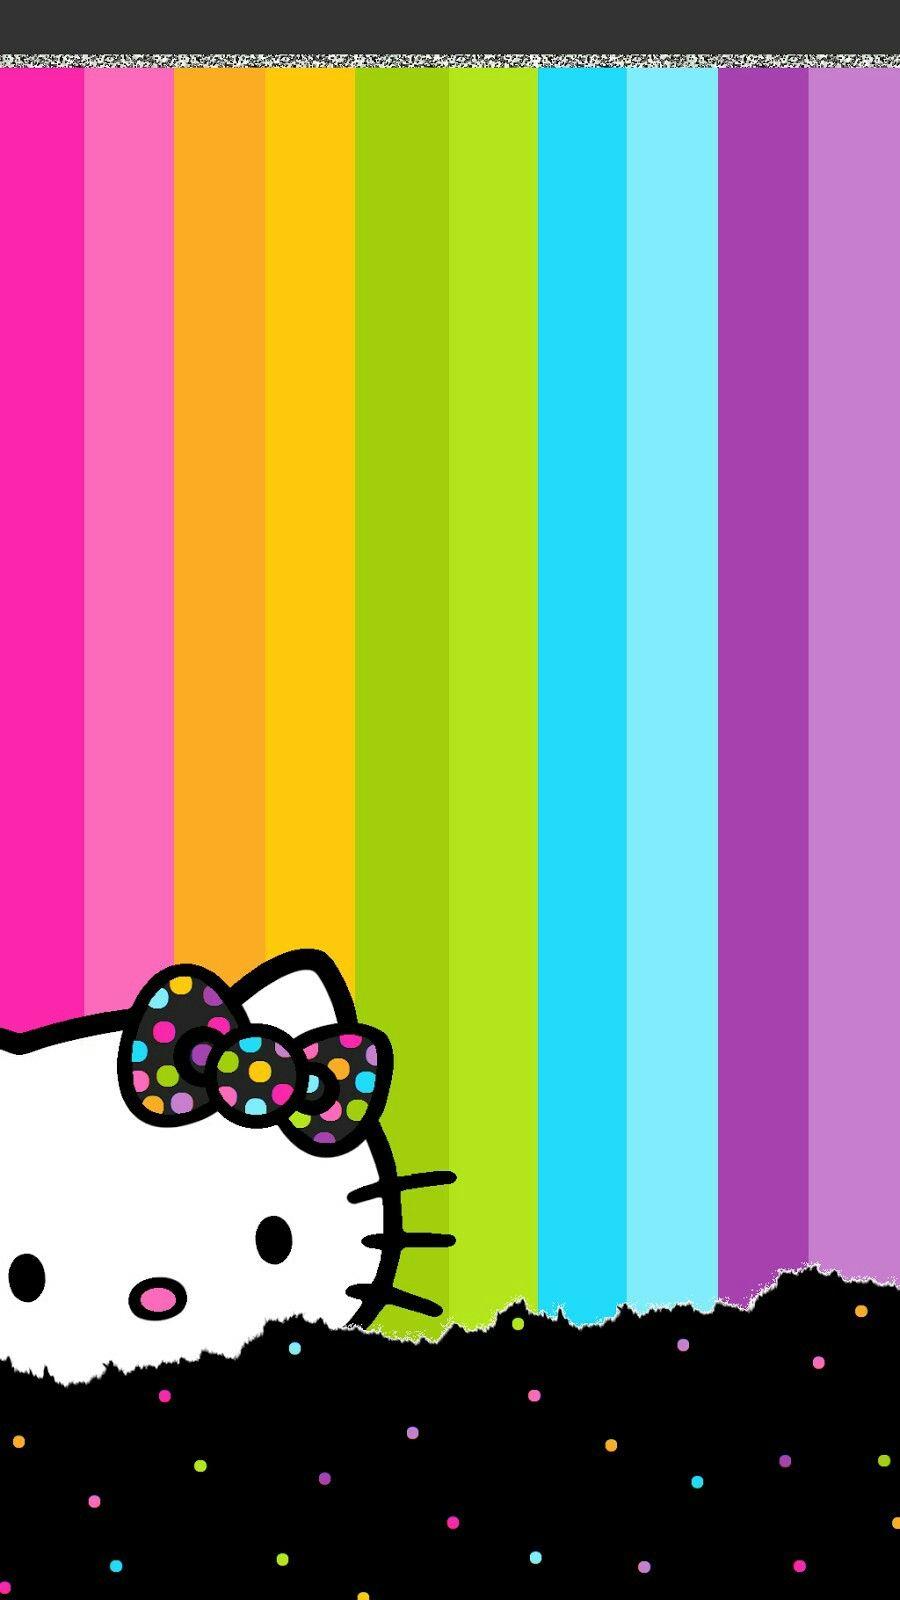 Most Inspiring Wallpaper Hello Kitty Mint Green - 7cf383d45a3e3c4bc60ebbe7973782ca  Trends_738334.jpg